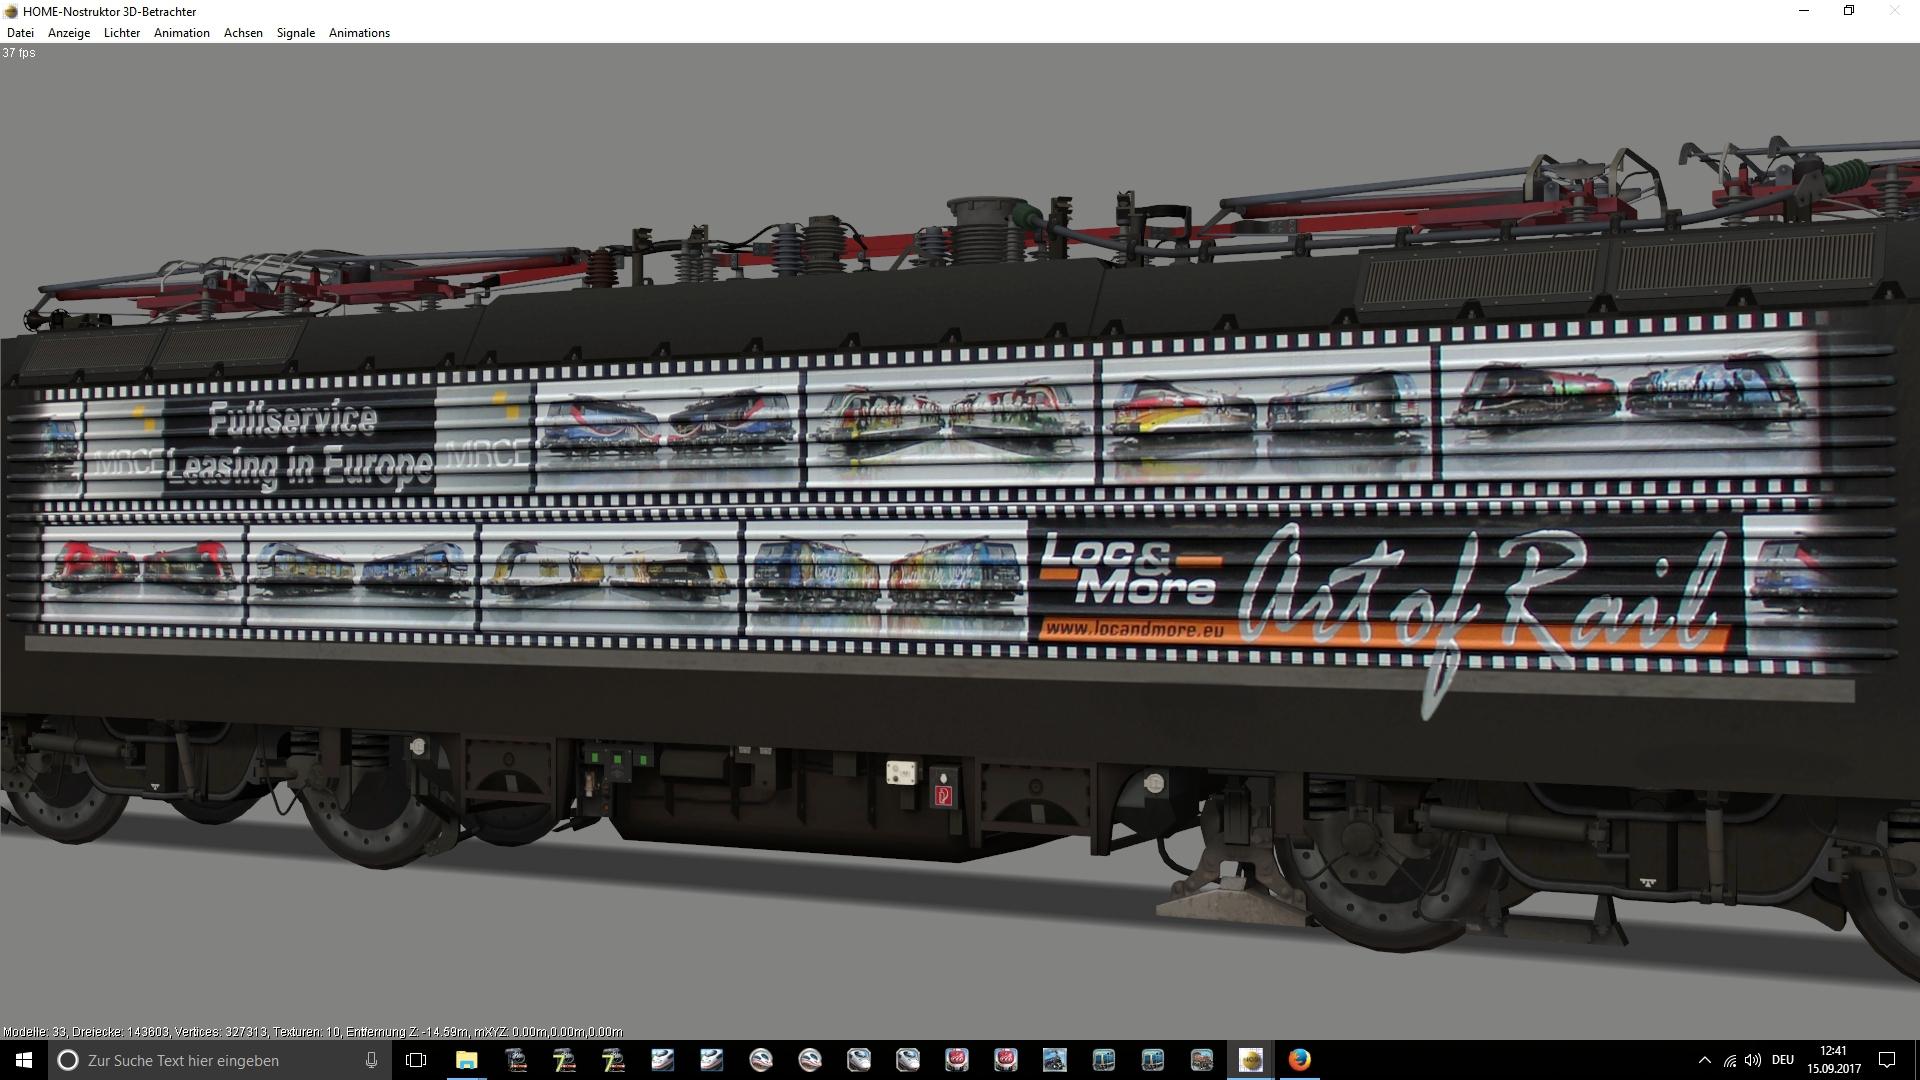 art-of-railavs2g.jpg